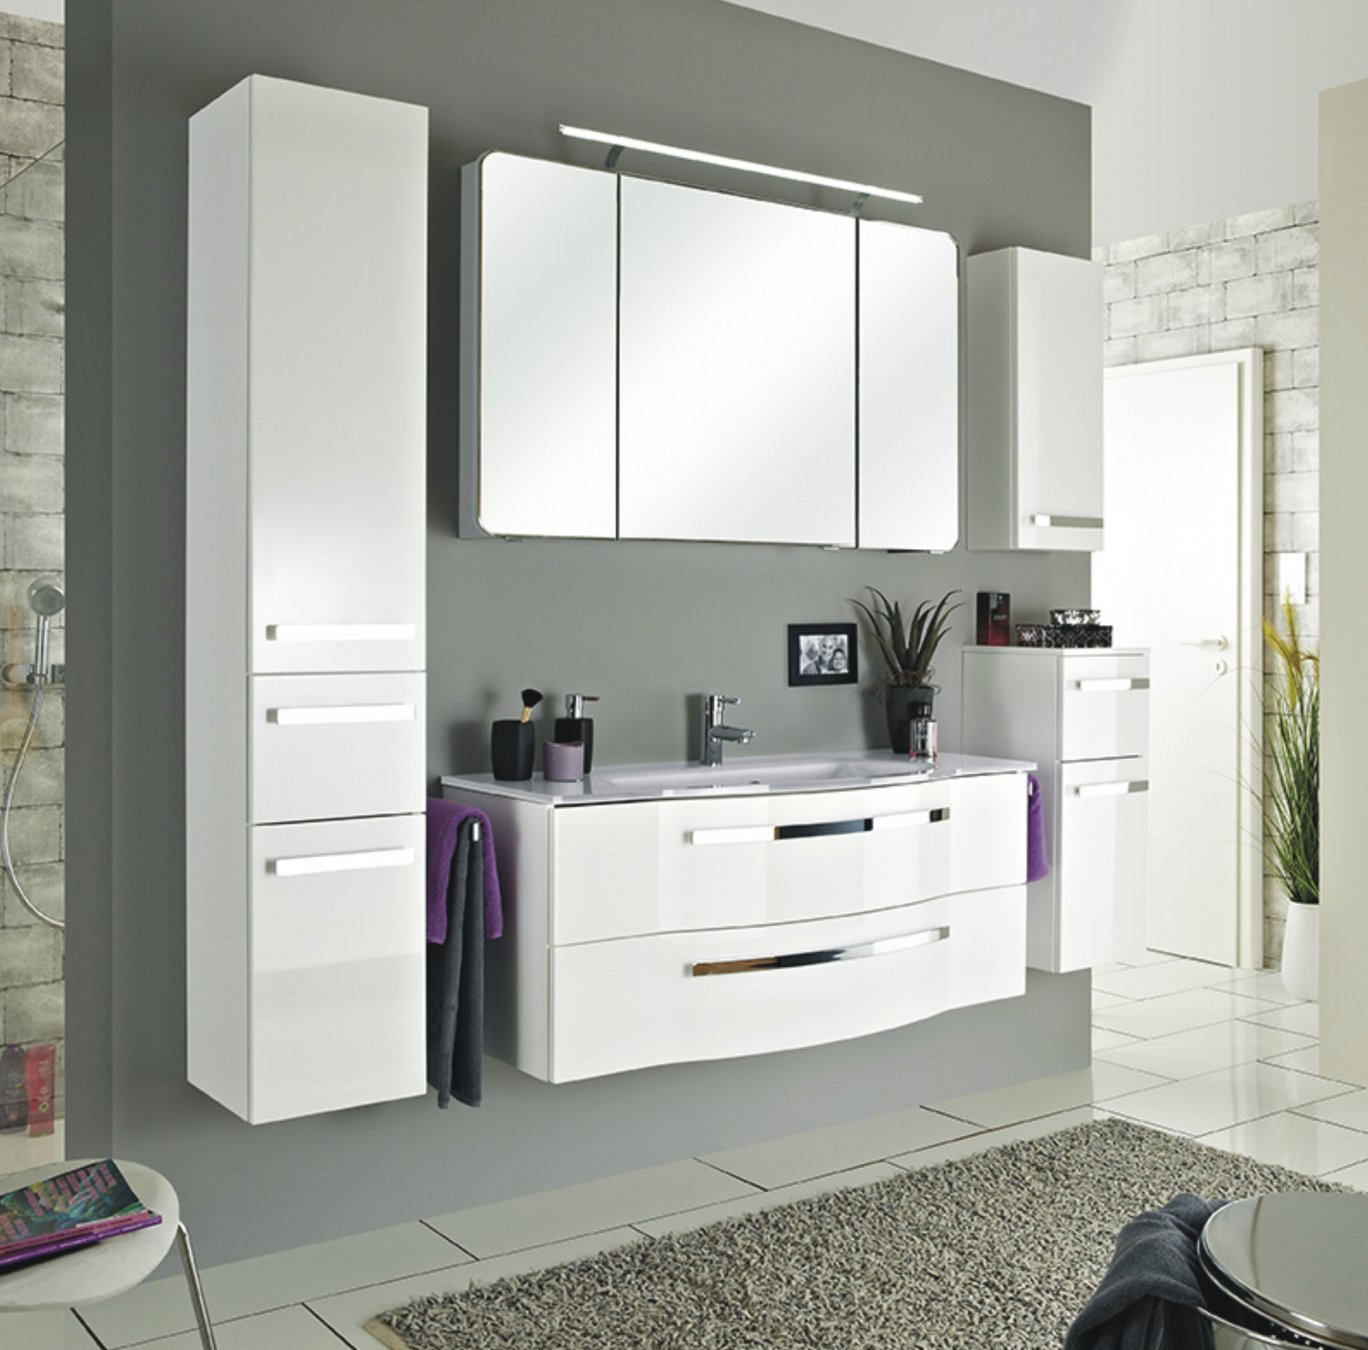 badmobel pelipal, pelipal fokus 4005   badmöbel, Design ideen